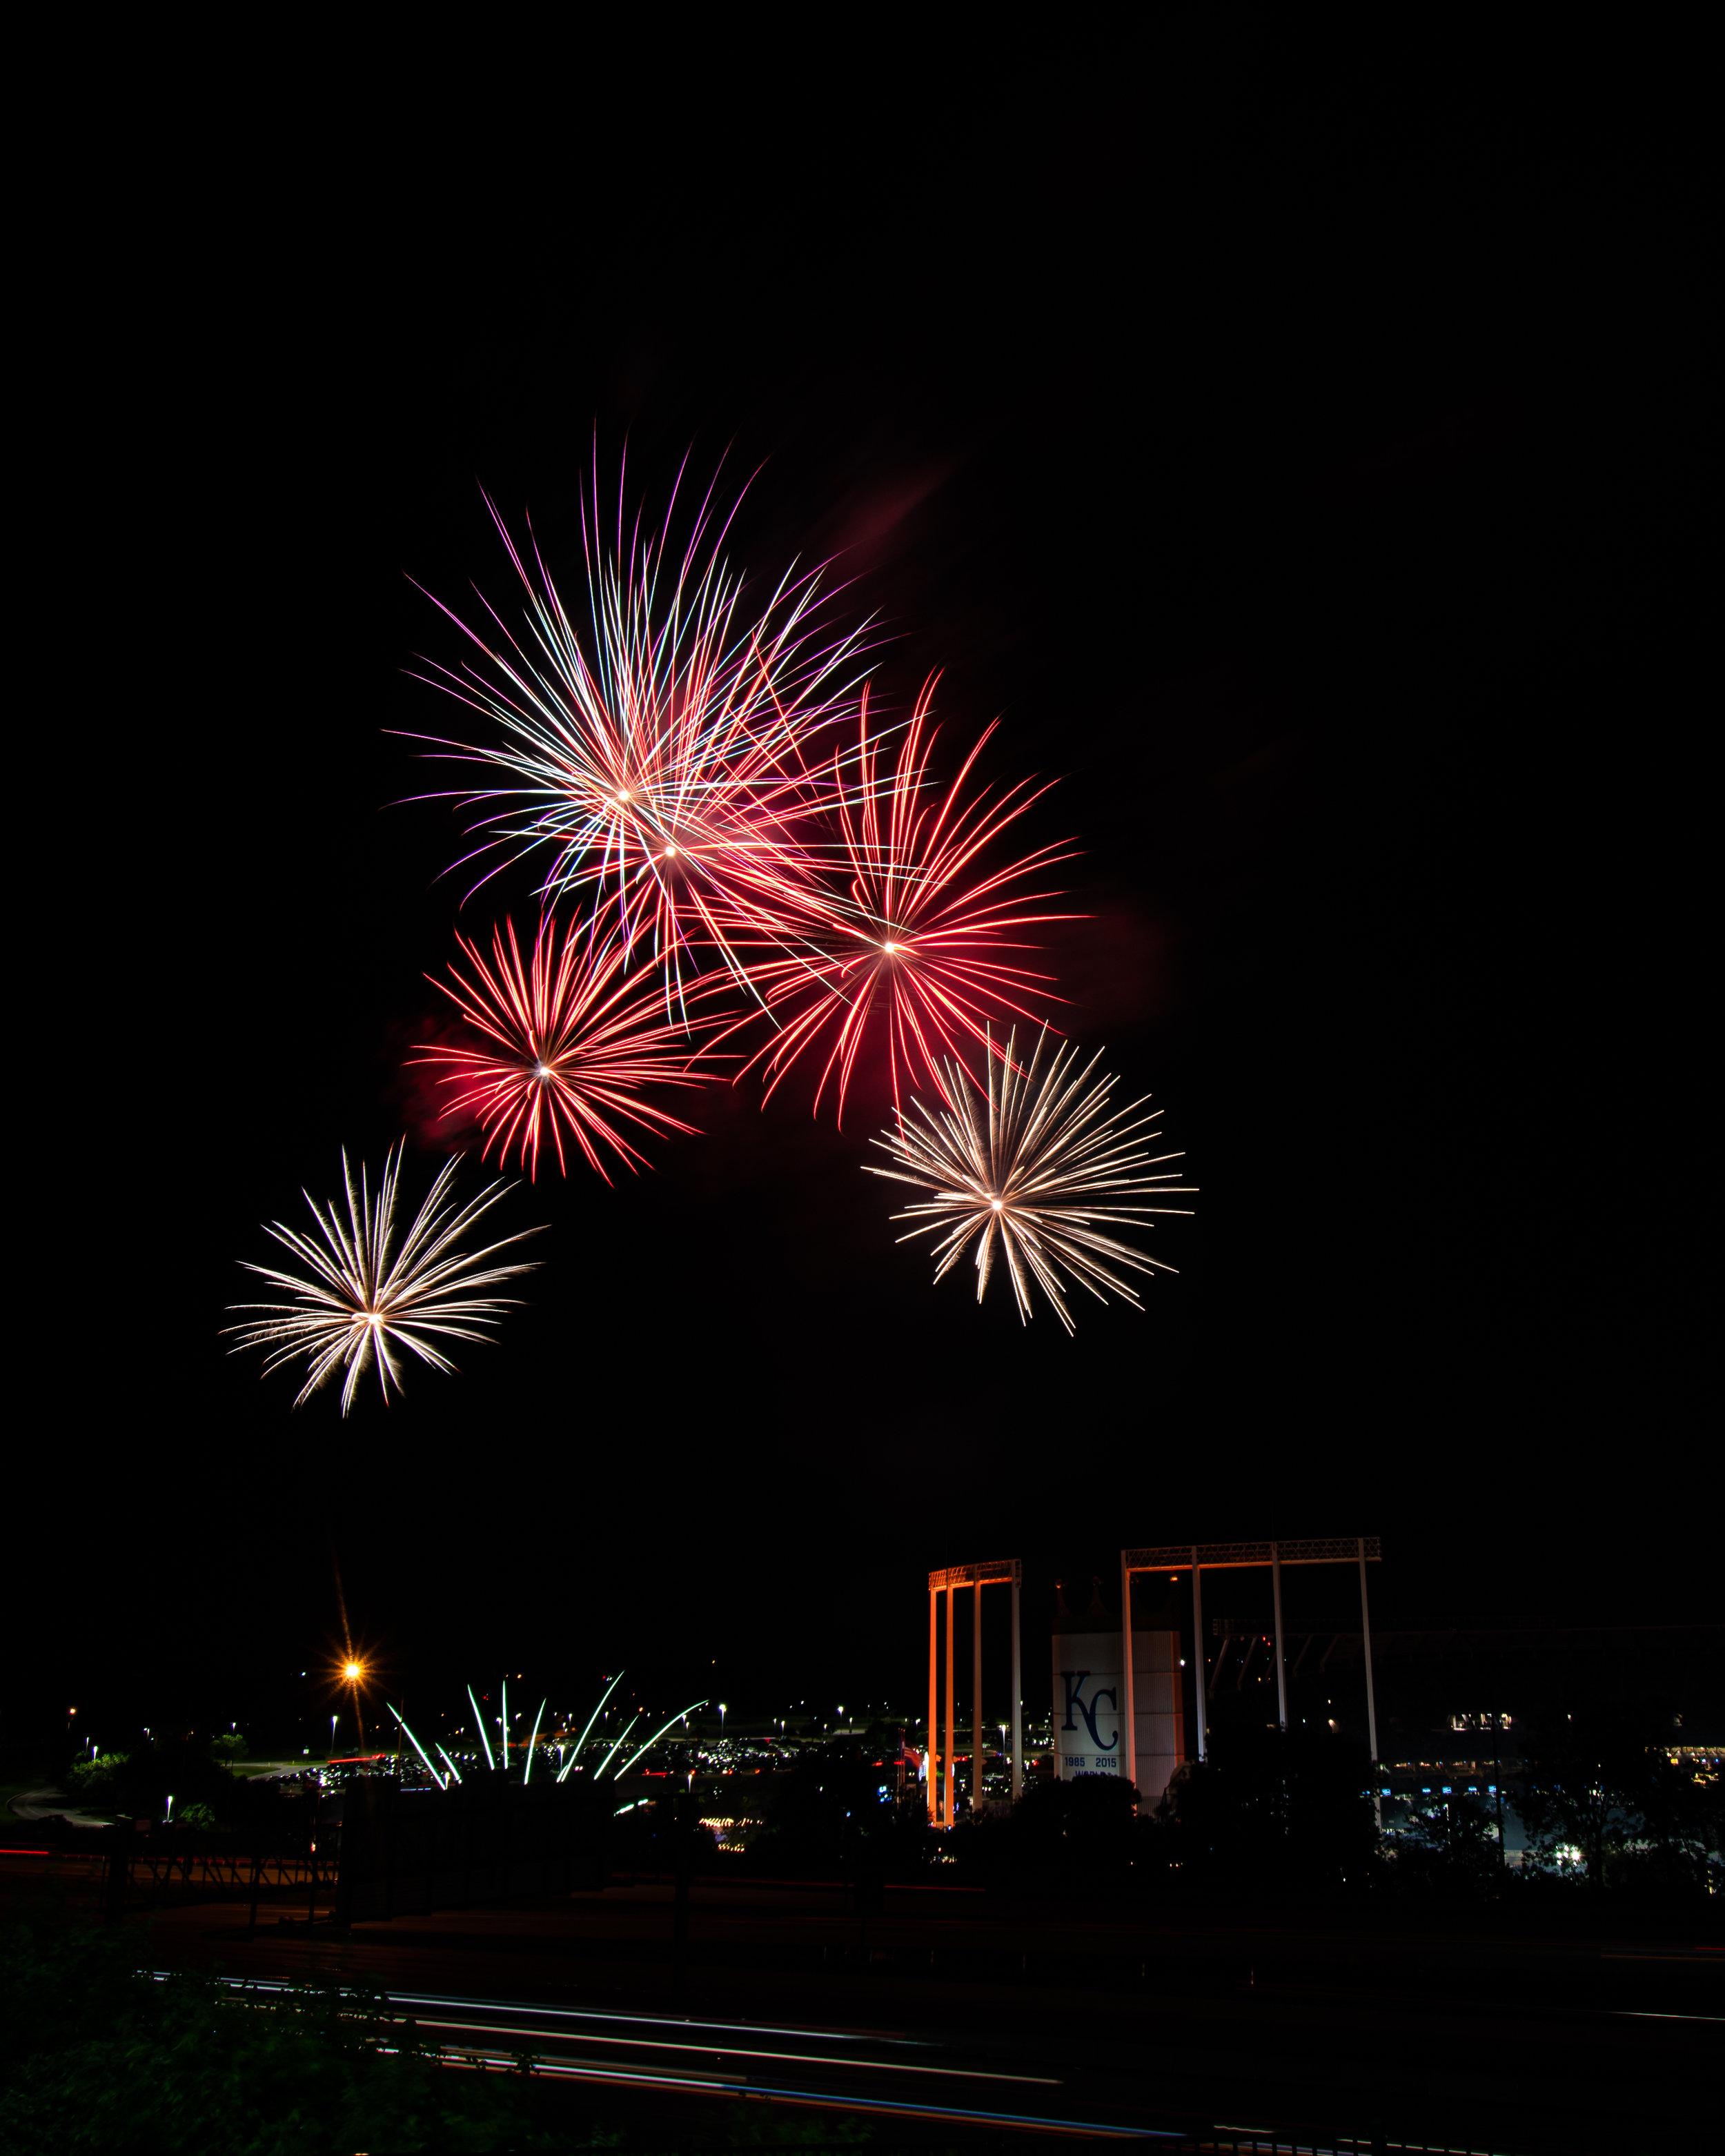 firework-friday-15-of-51_48108388247_o.jpg